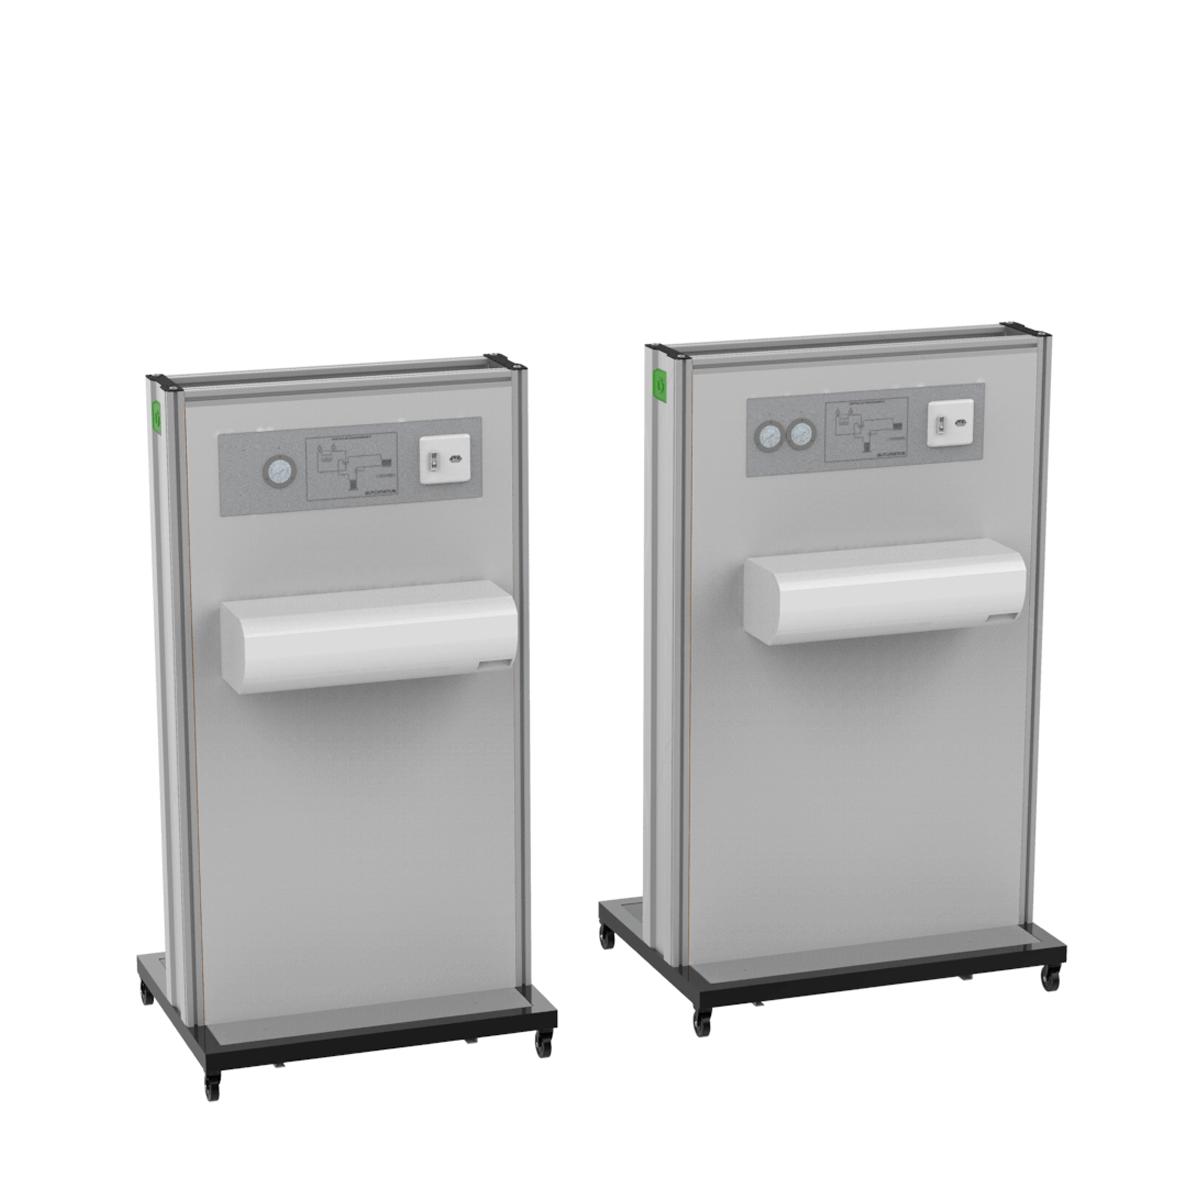 lab-de-ar-condicionado-bancada-didatica-montagem-de-ar-multi-split-hi-wall-auttom-2